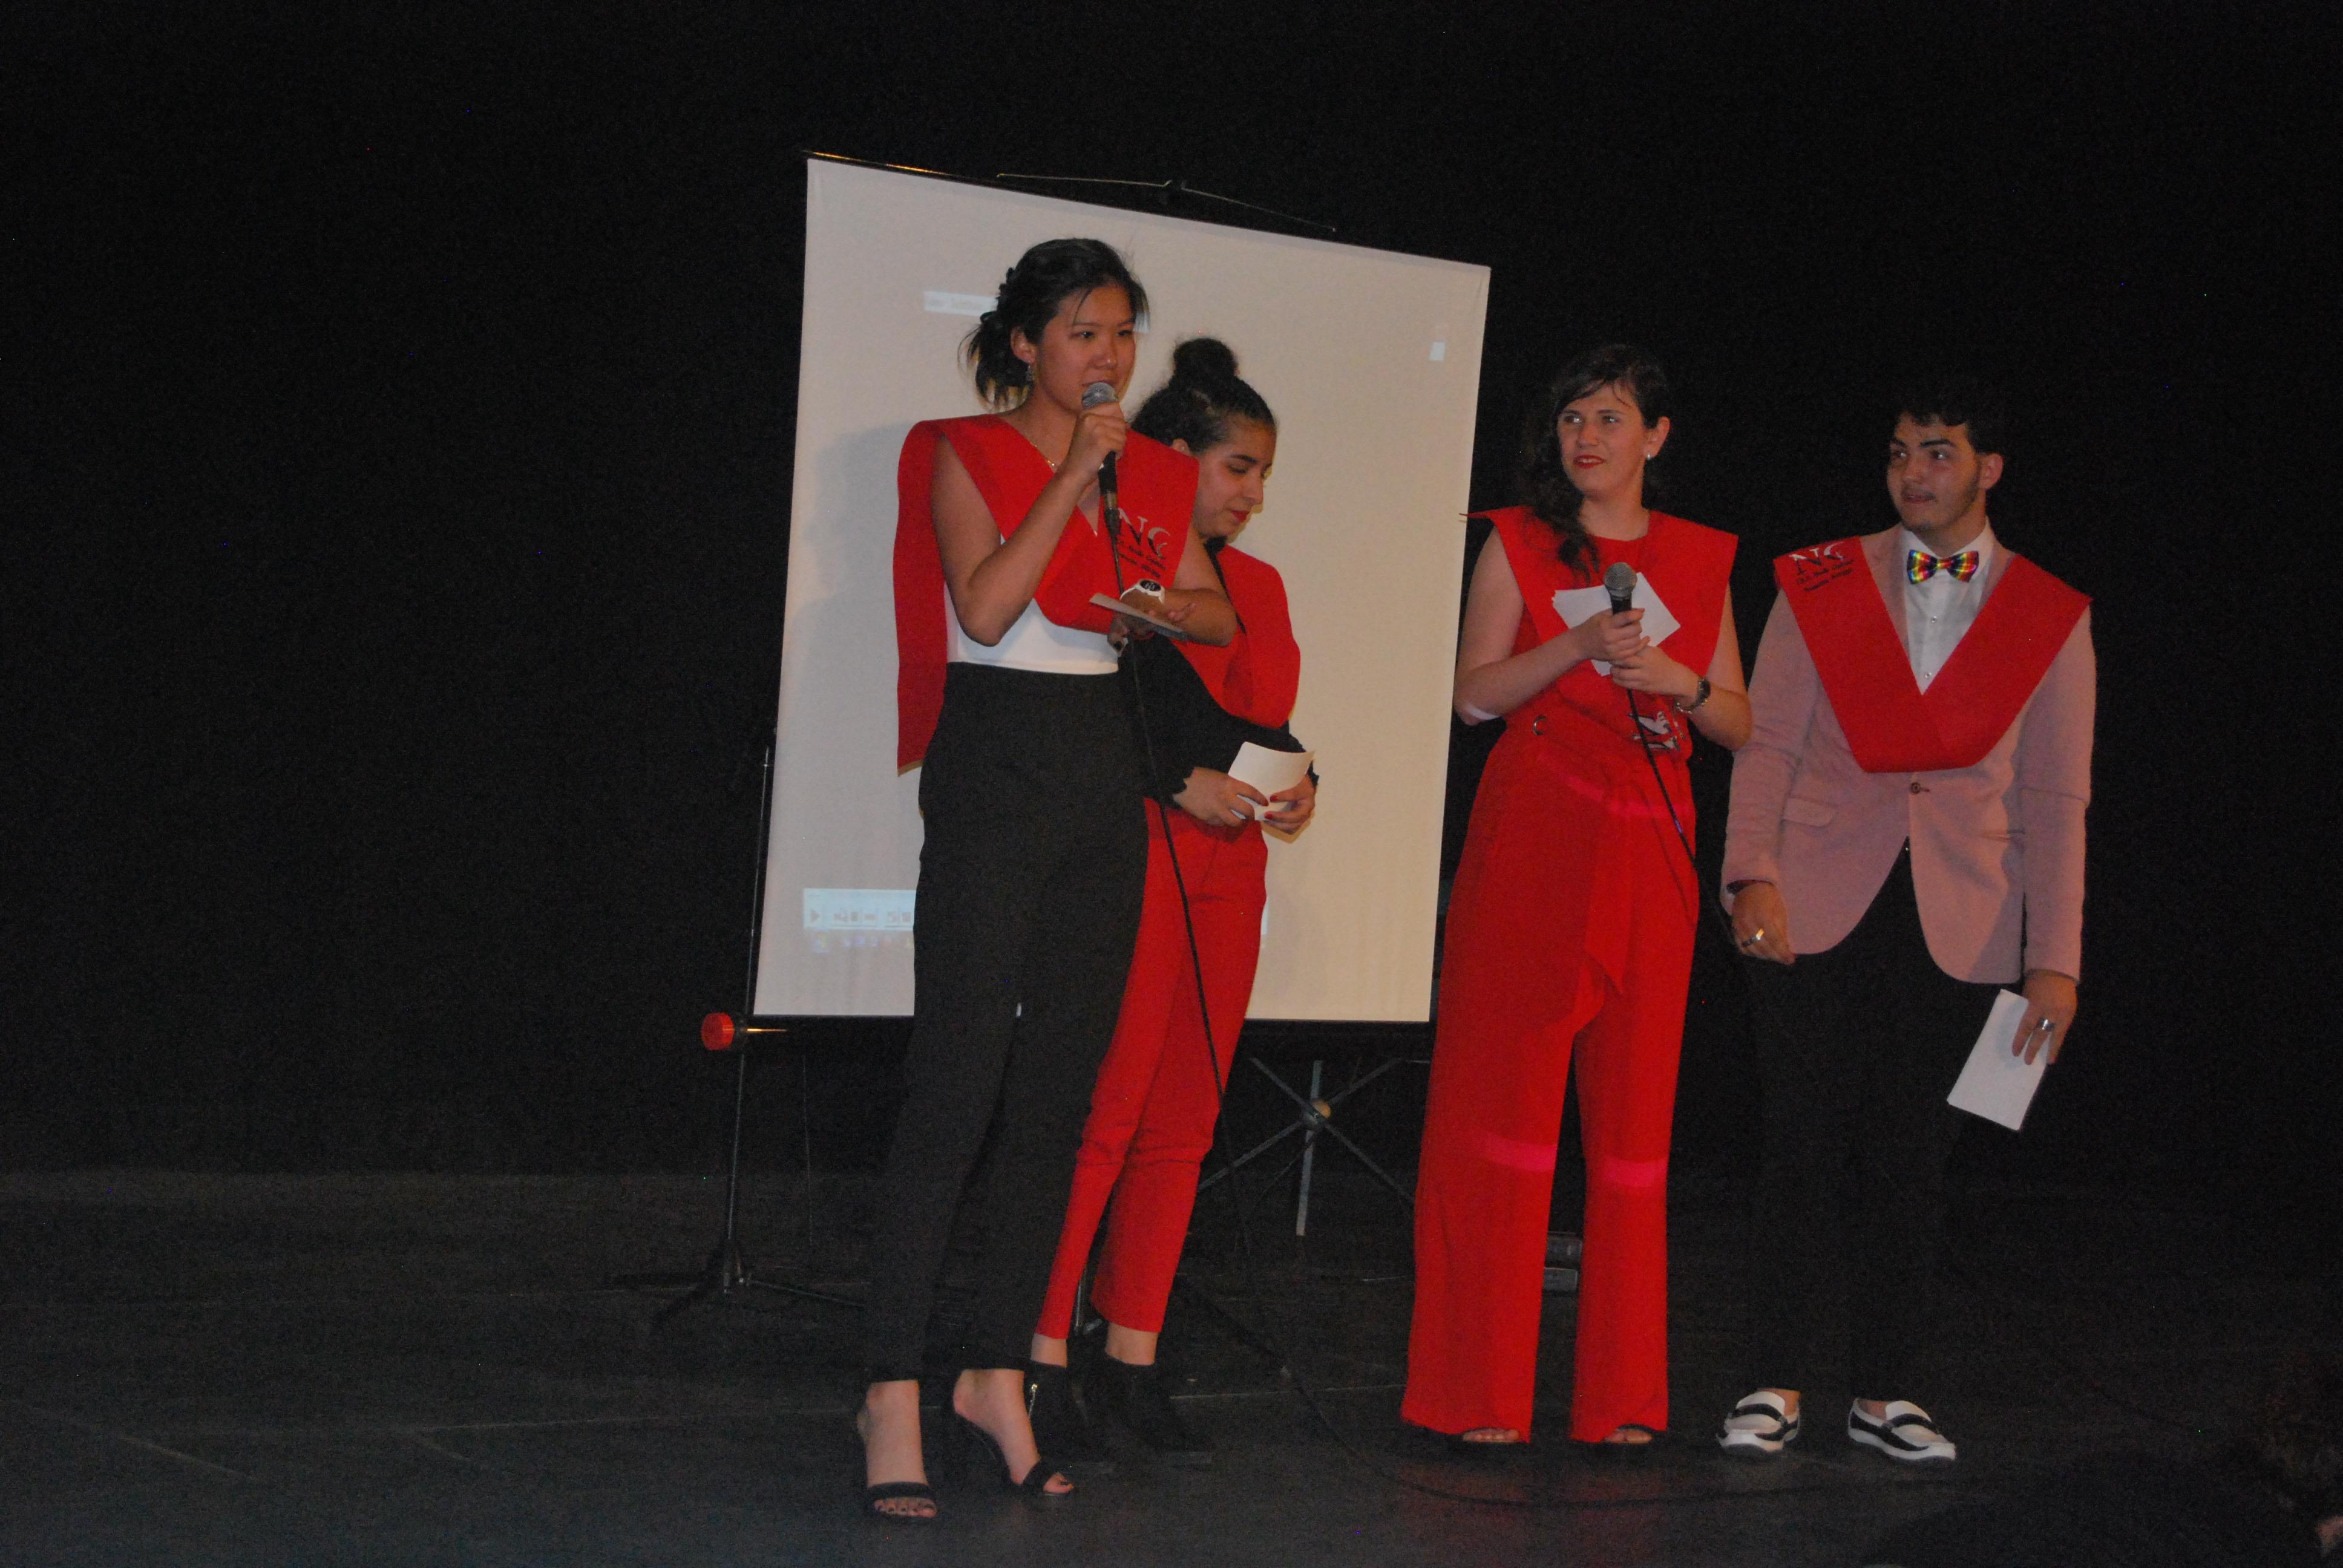 Graduación - 2º Bachillerato - Curso 2017/18 - Álbum # 5 48